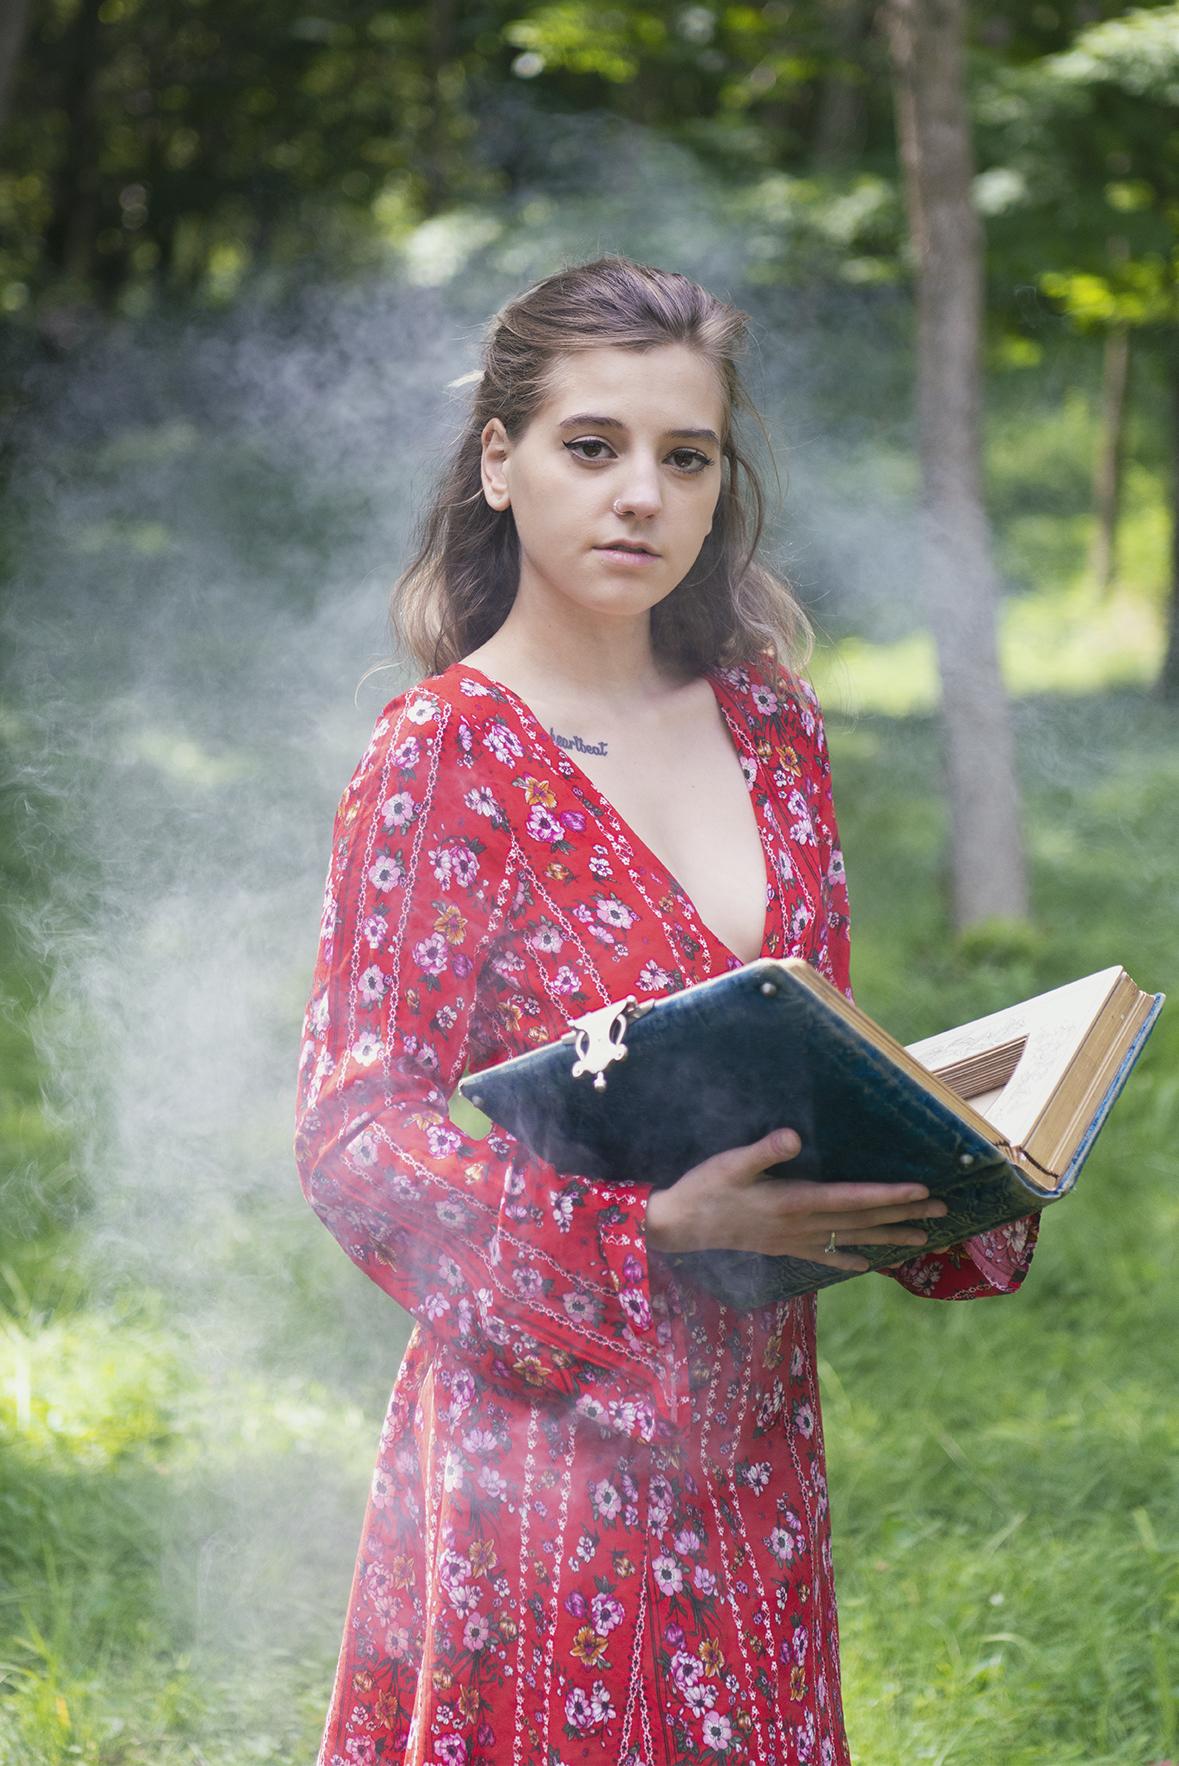 smokenphotoweb.jpg